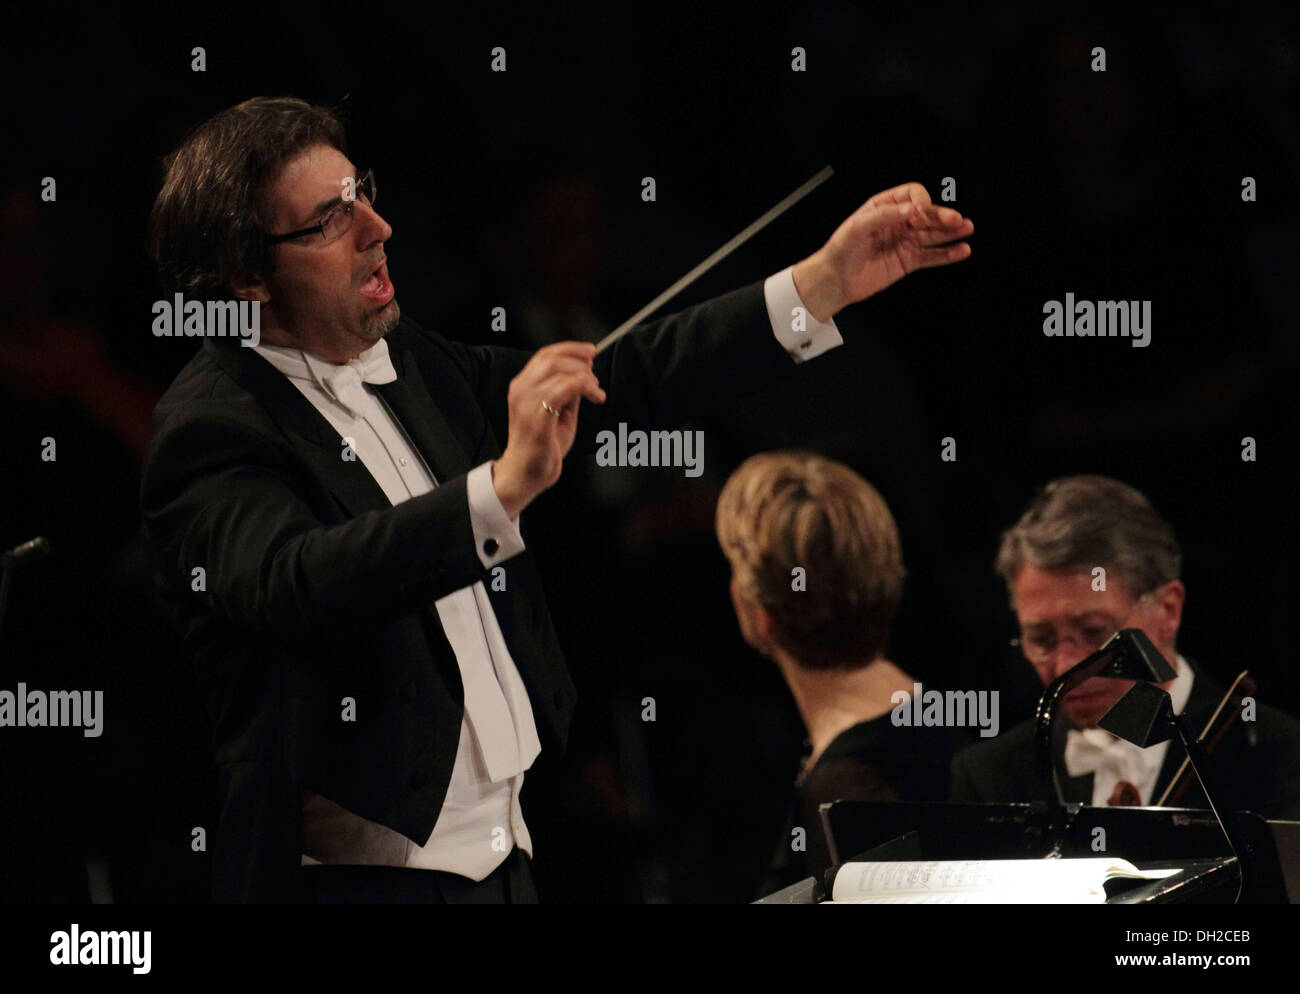 Daniel Raiskin, chef d'orchestre de l'Orchestre philharmonique rhénane, Koblenz, Rhénanie-Palatinat Photo Stock